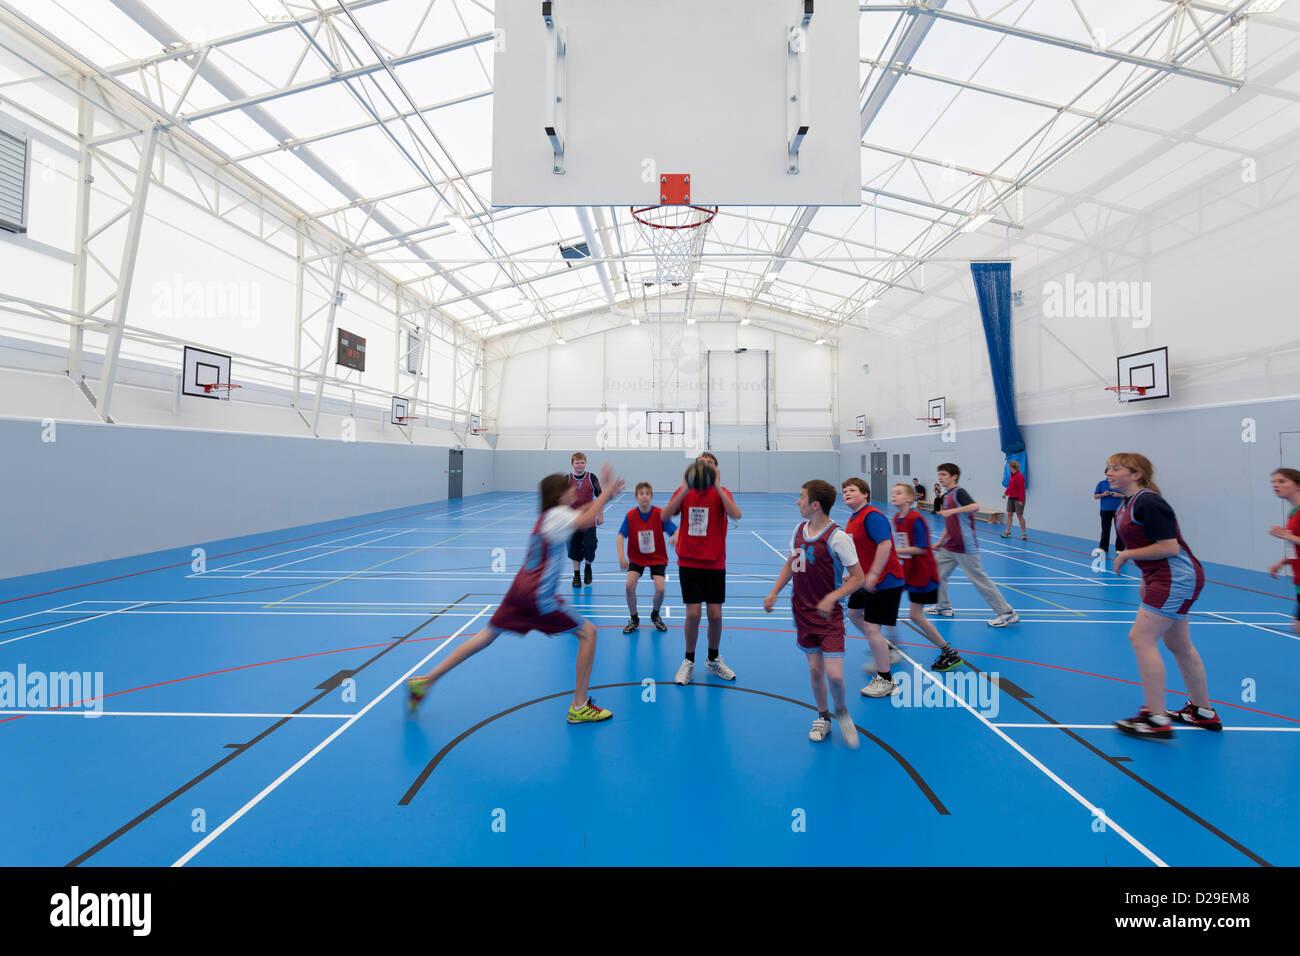 Niños jugando baloncesto en la escuela sala de deportes Imagen De Stock